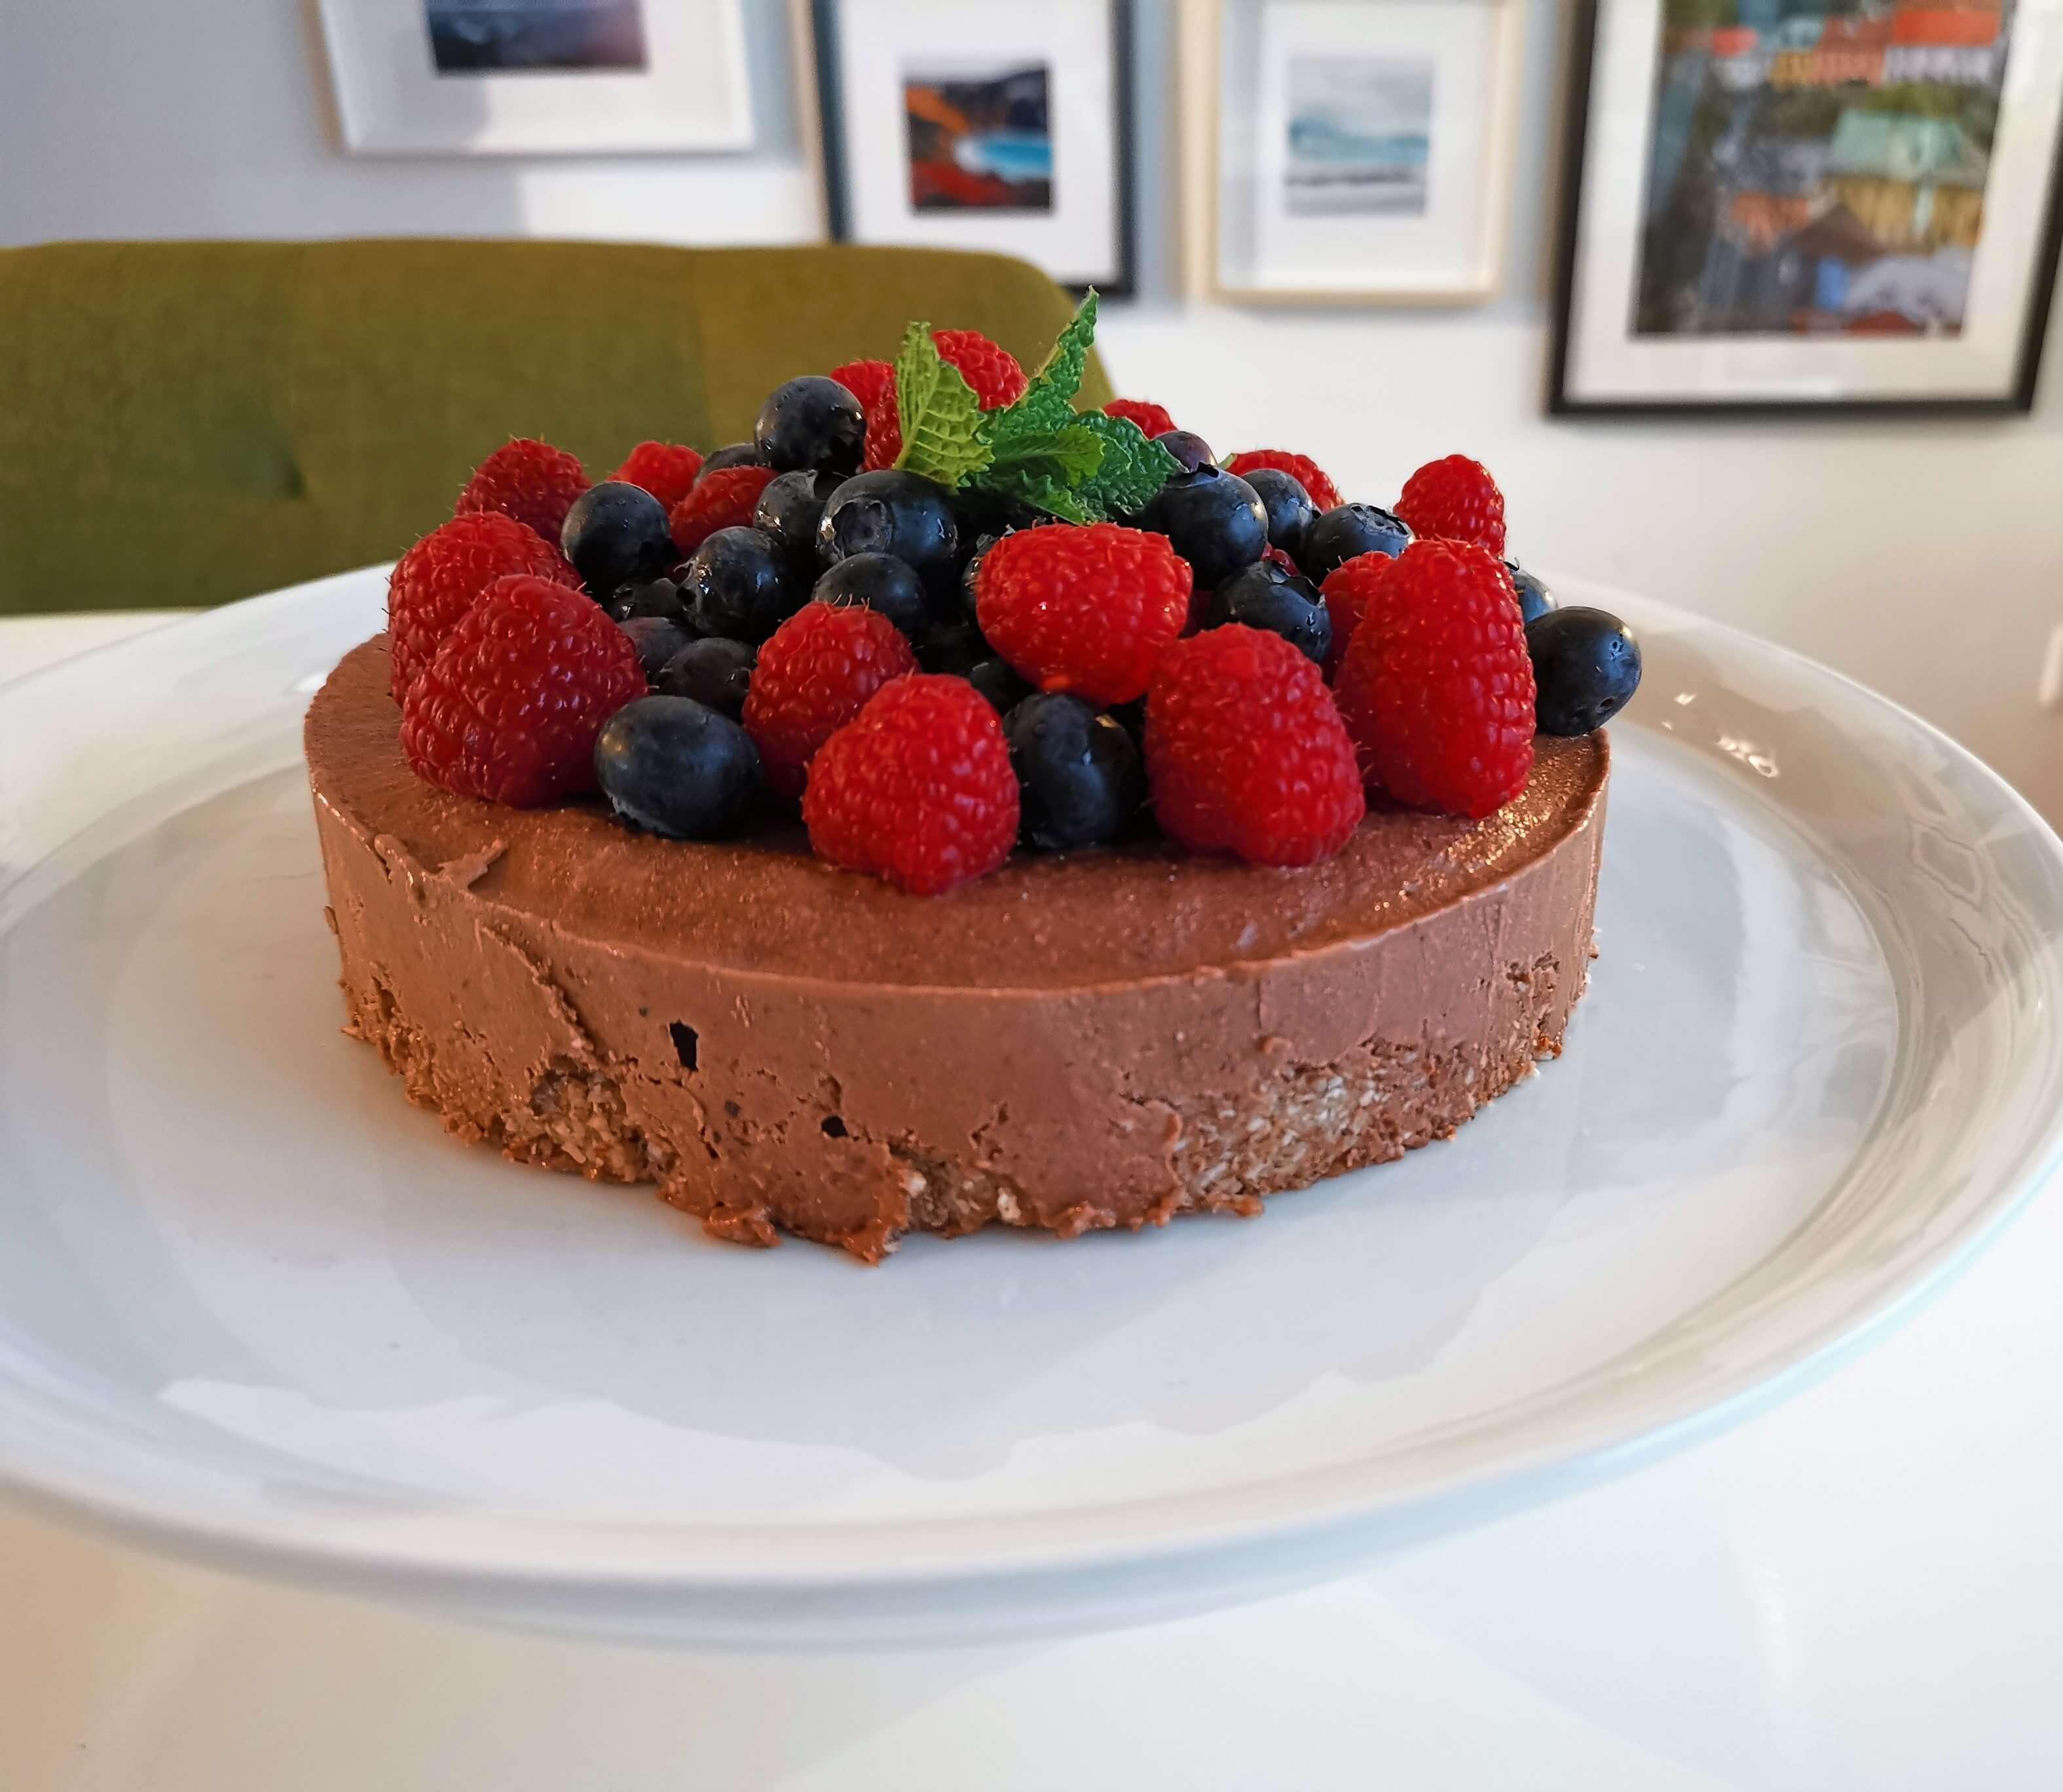 IMG 20190422 181631 - Hrešíme bez výčitiek - RAW torta bez cukru a múky